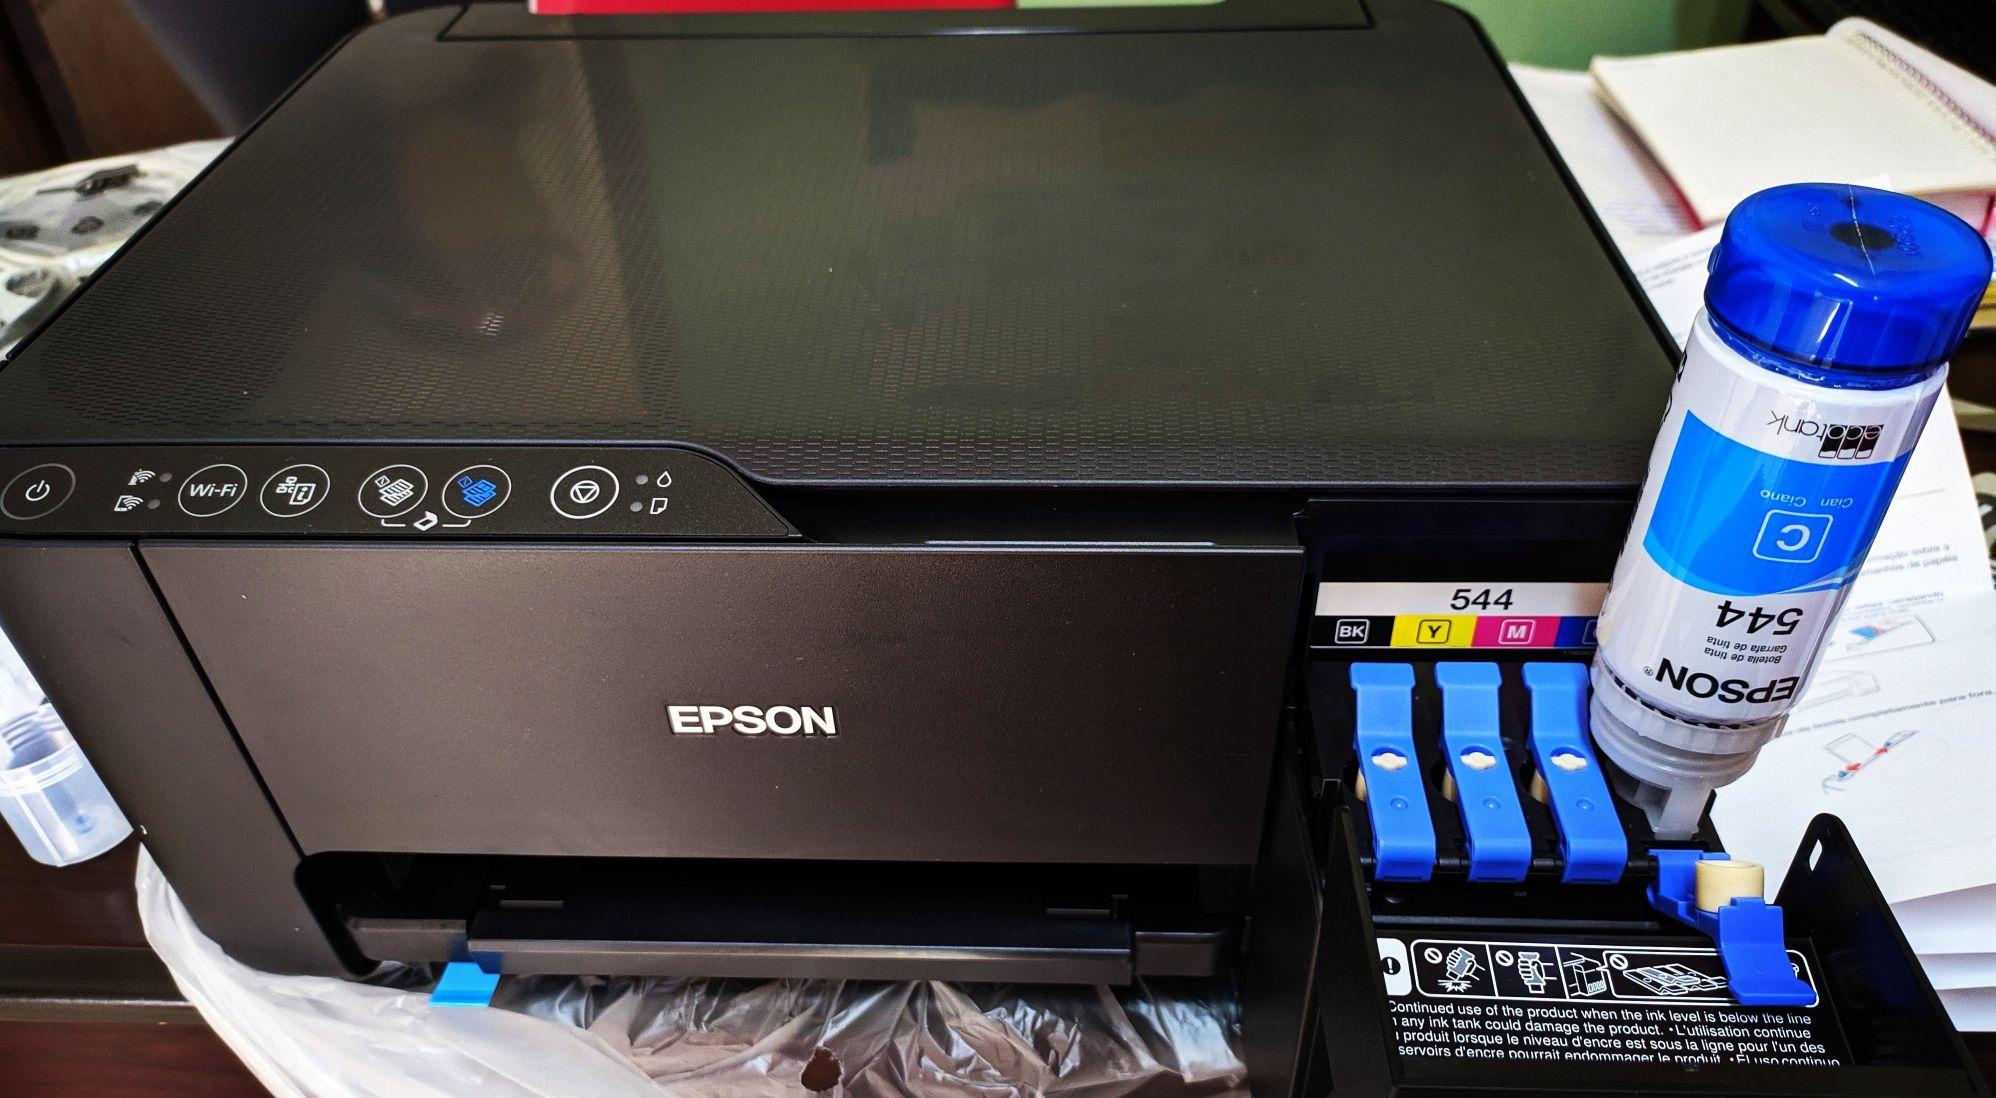 Instalação e configuração de Impressoras